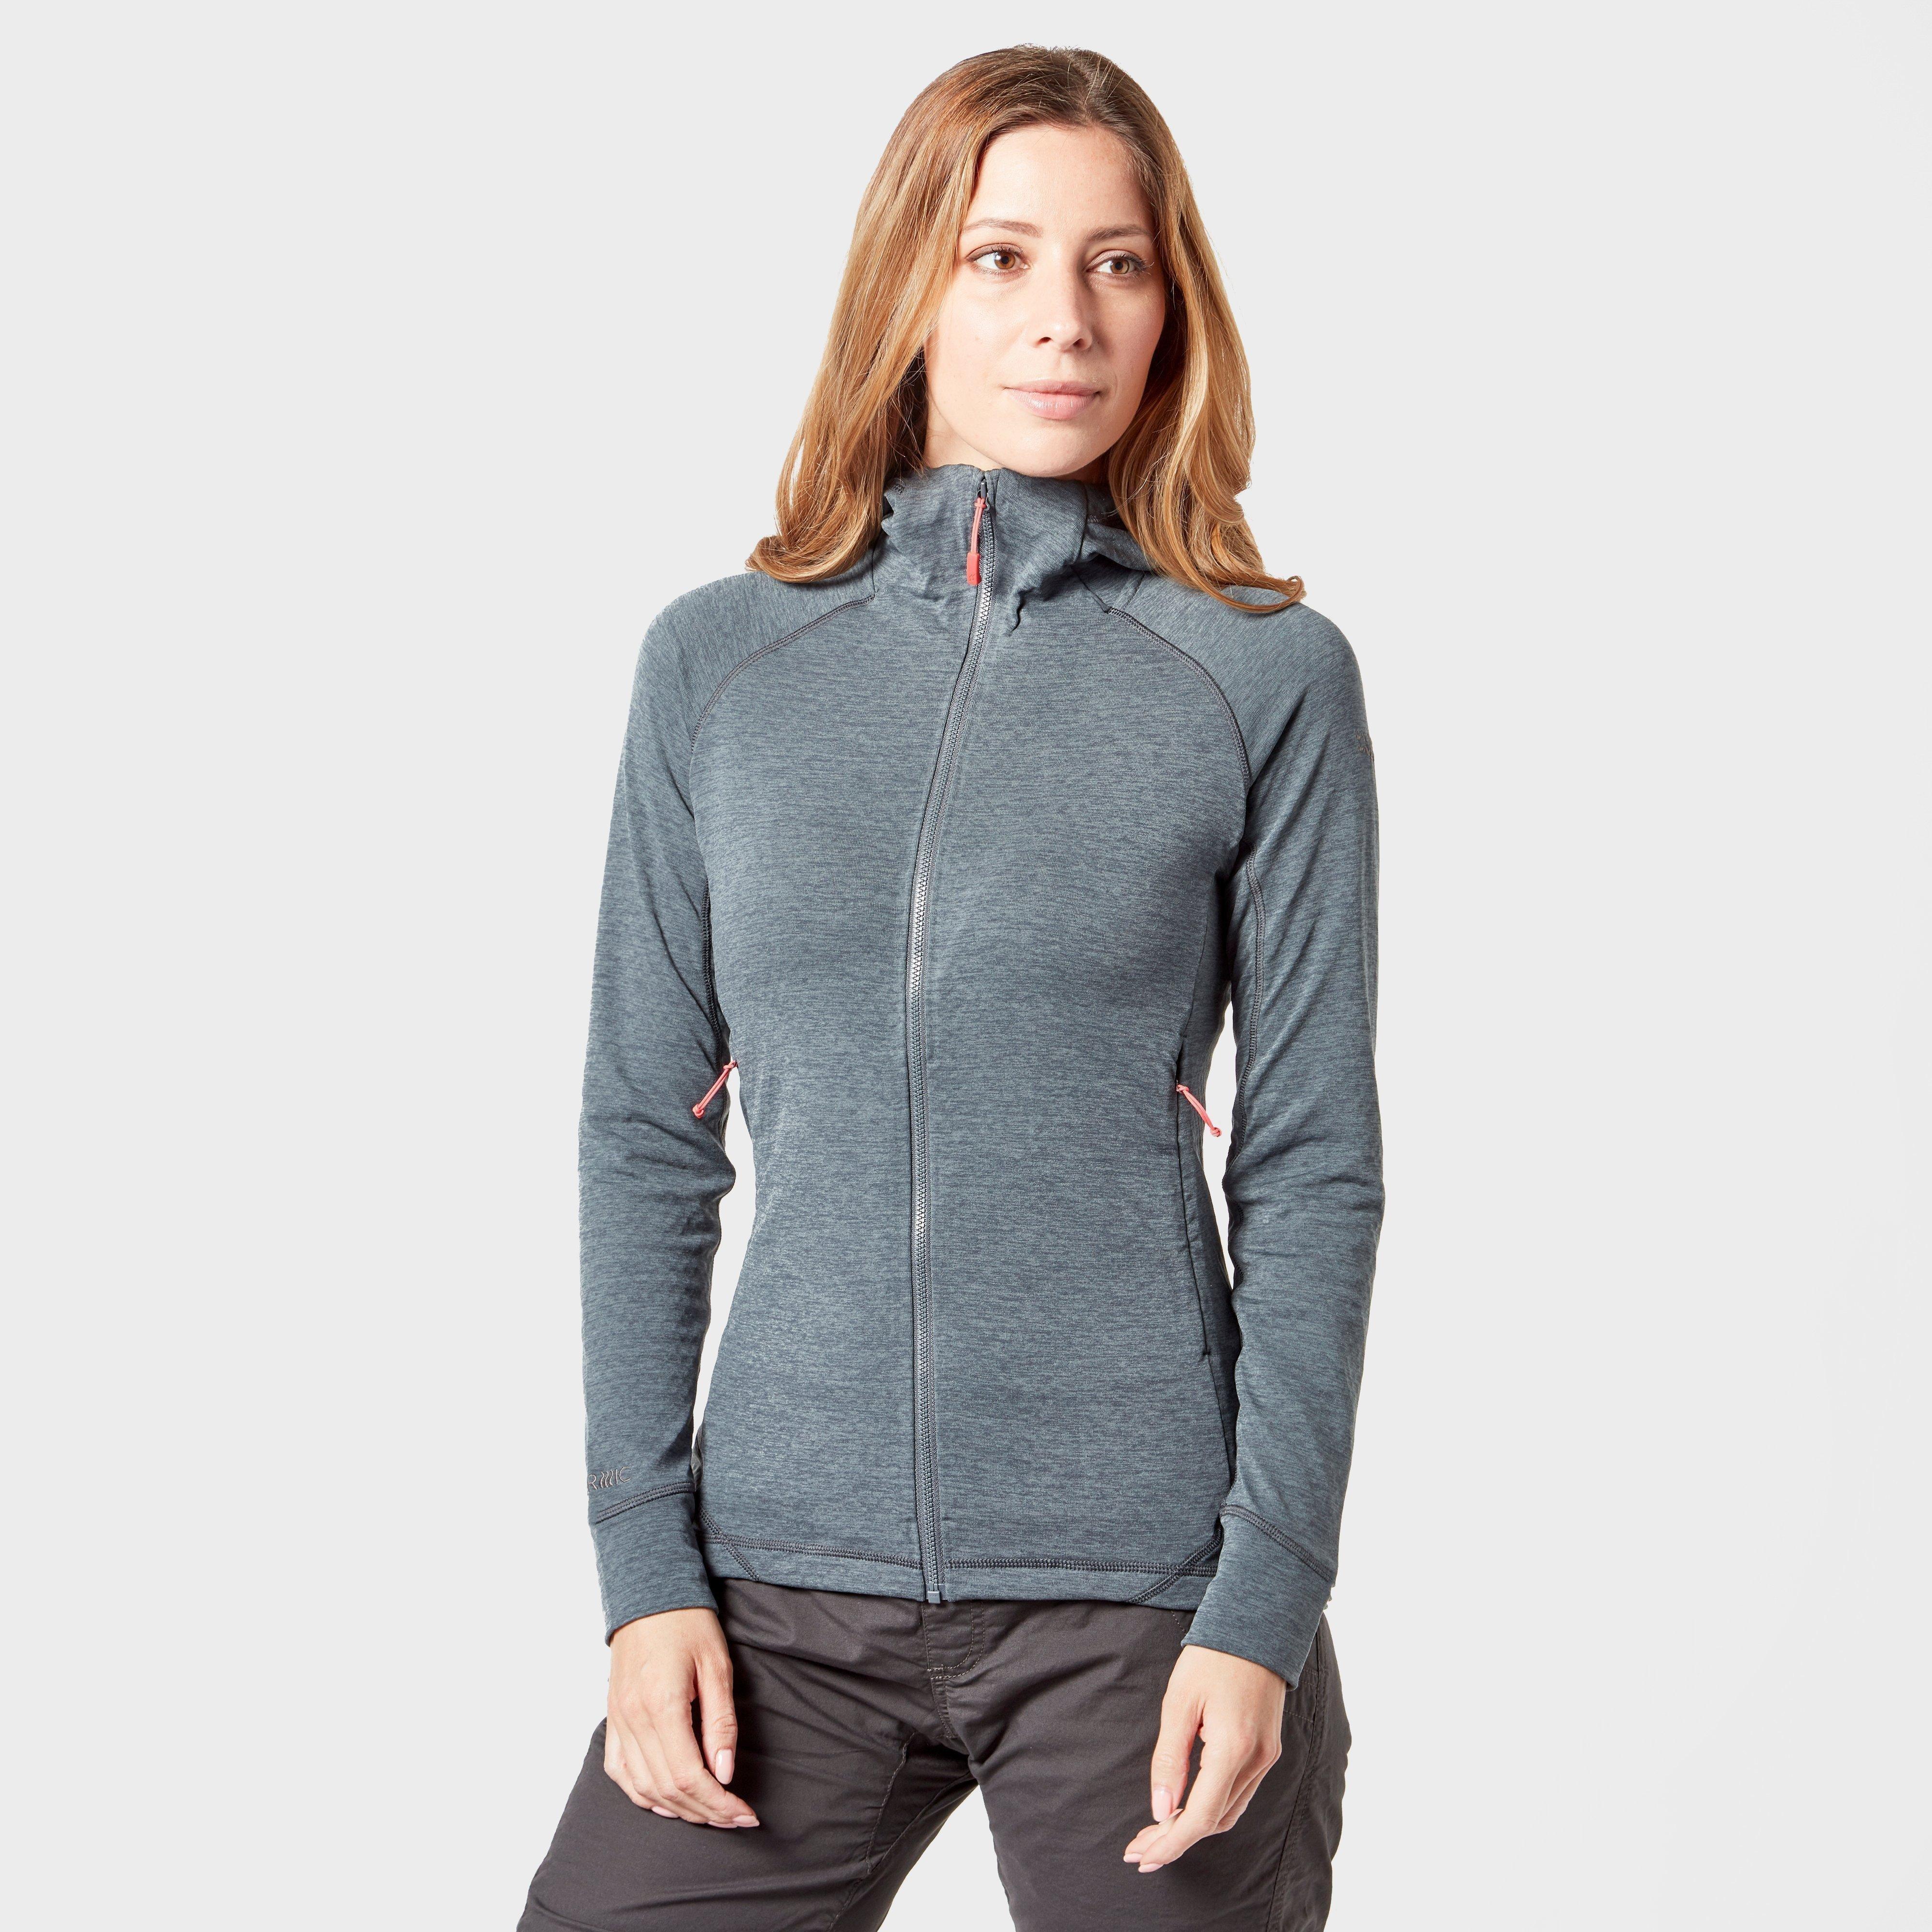 Rab Rab Womens Nexus Hooded Fleece Jacket - N/A, N/A